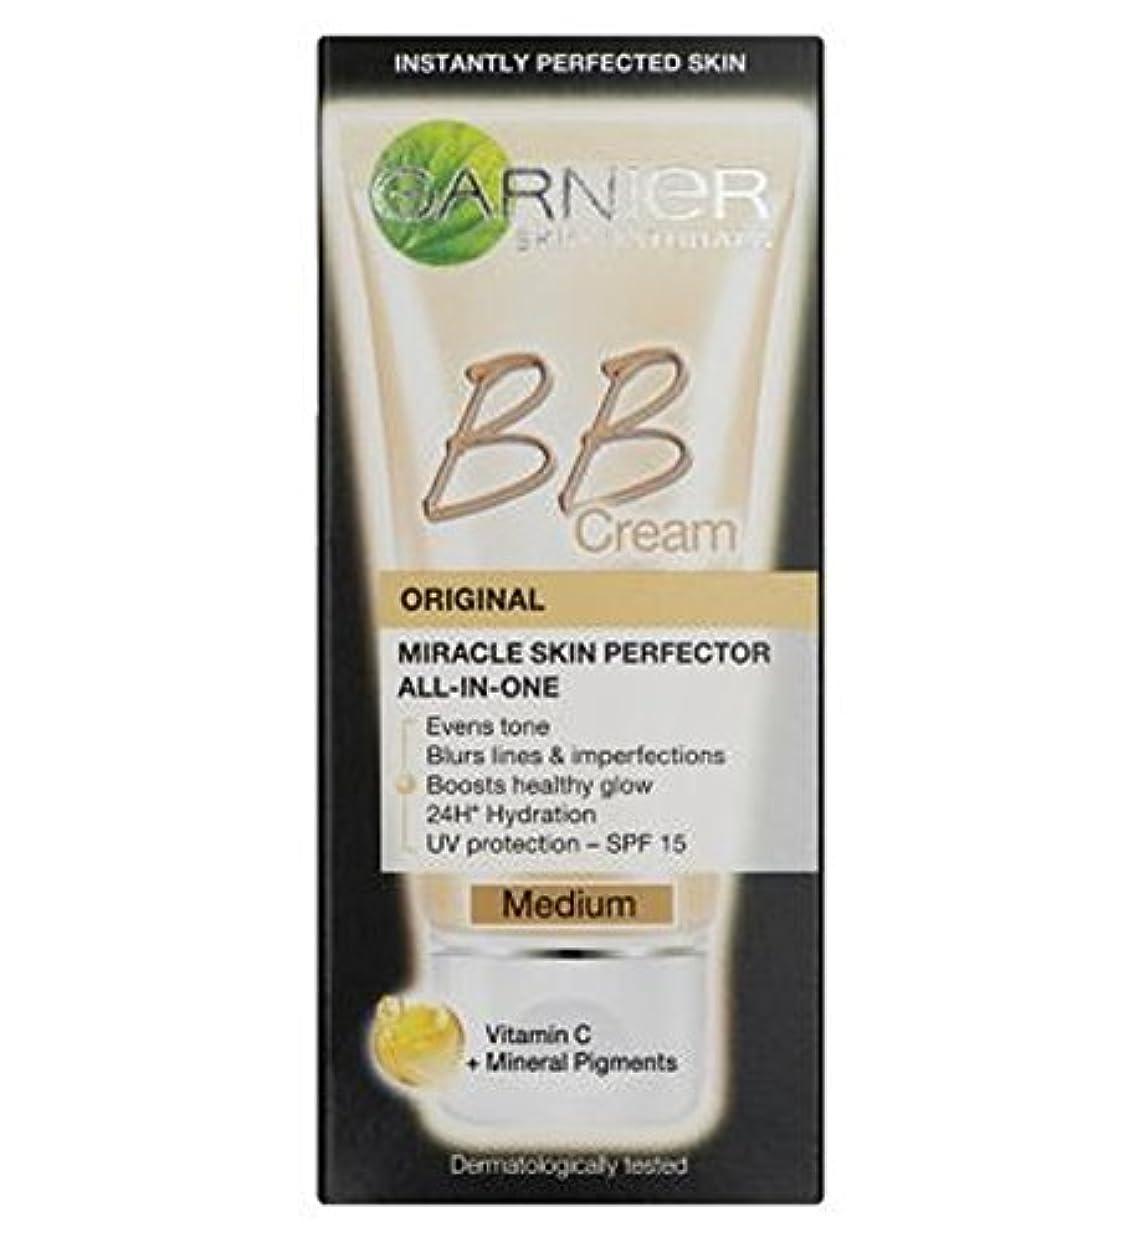 二写真撮影展示会毎日オールインワンB.B.ガルニエスキンパーフェク傷バームクリーム培地50ミリリットル (Garnier) (x2) - Garnier Skin Perfector Daily All-In-One B.B. Blemish...